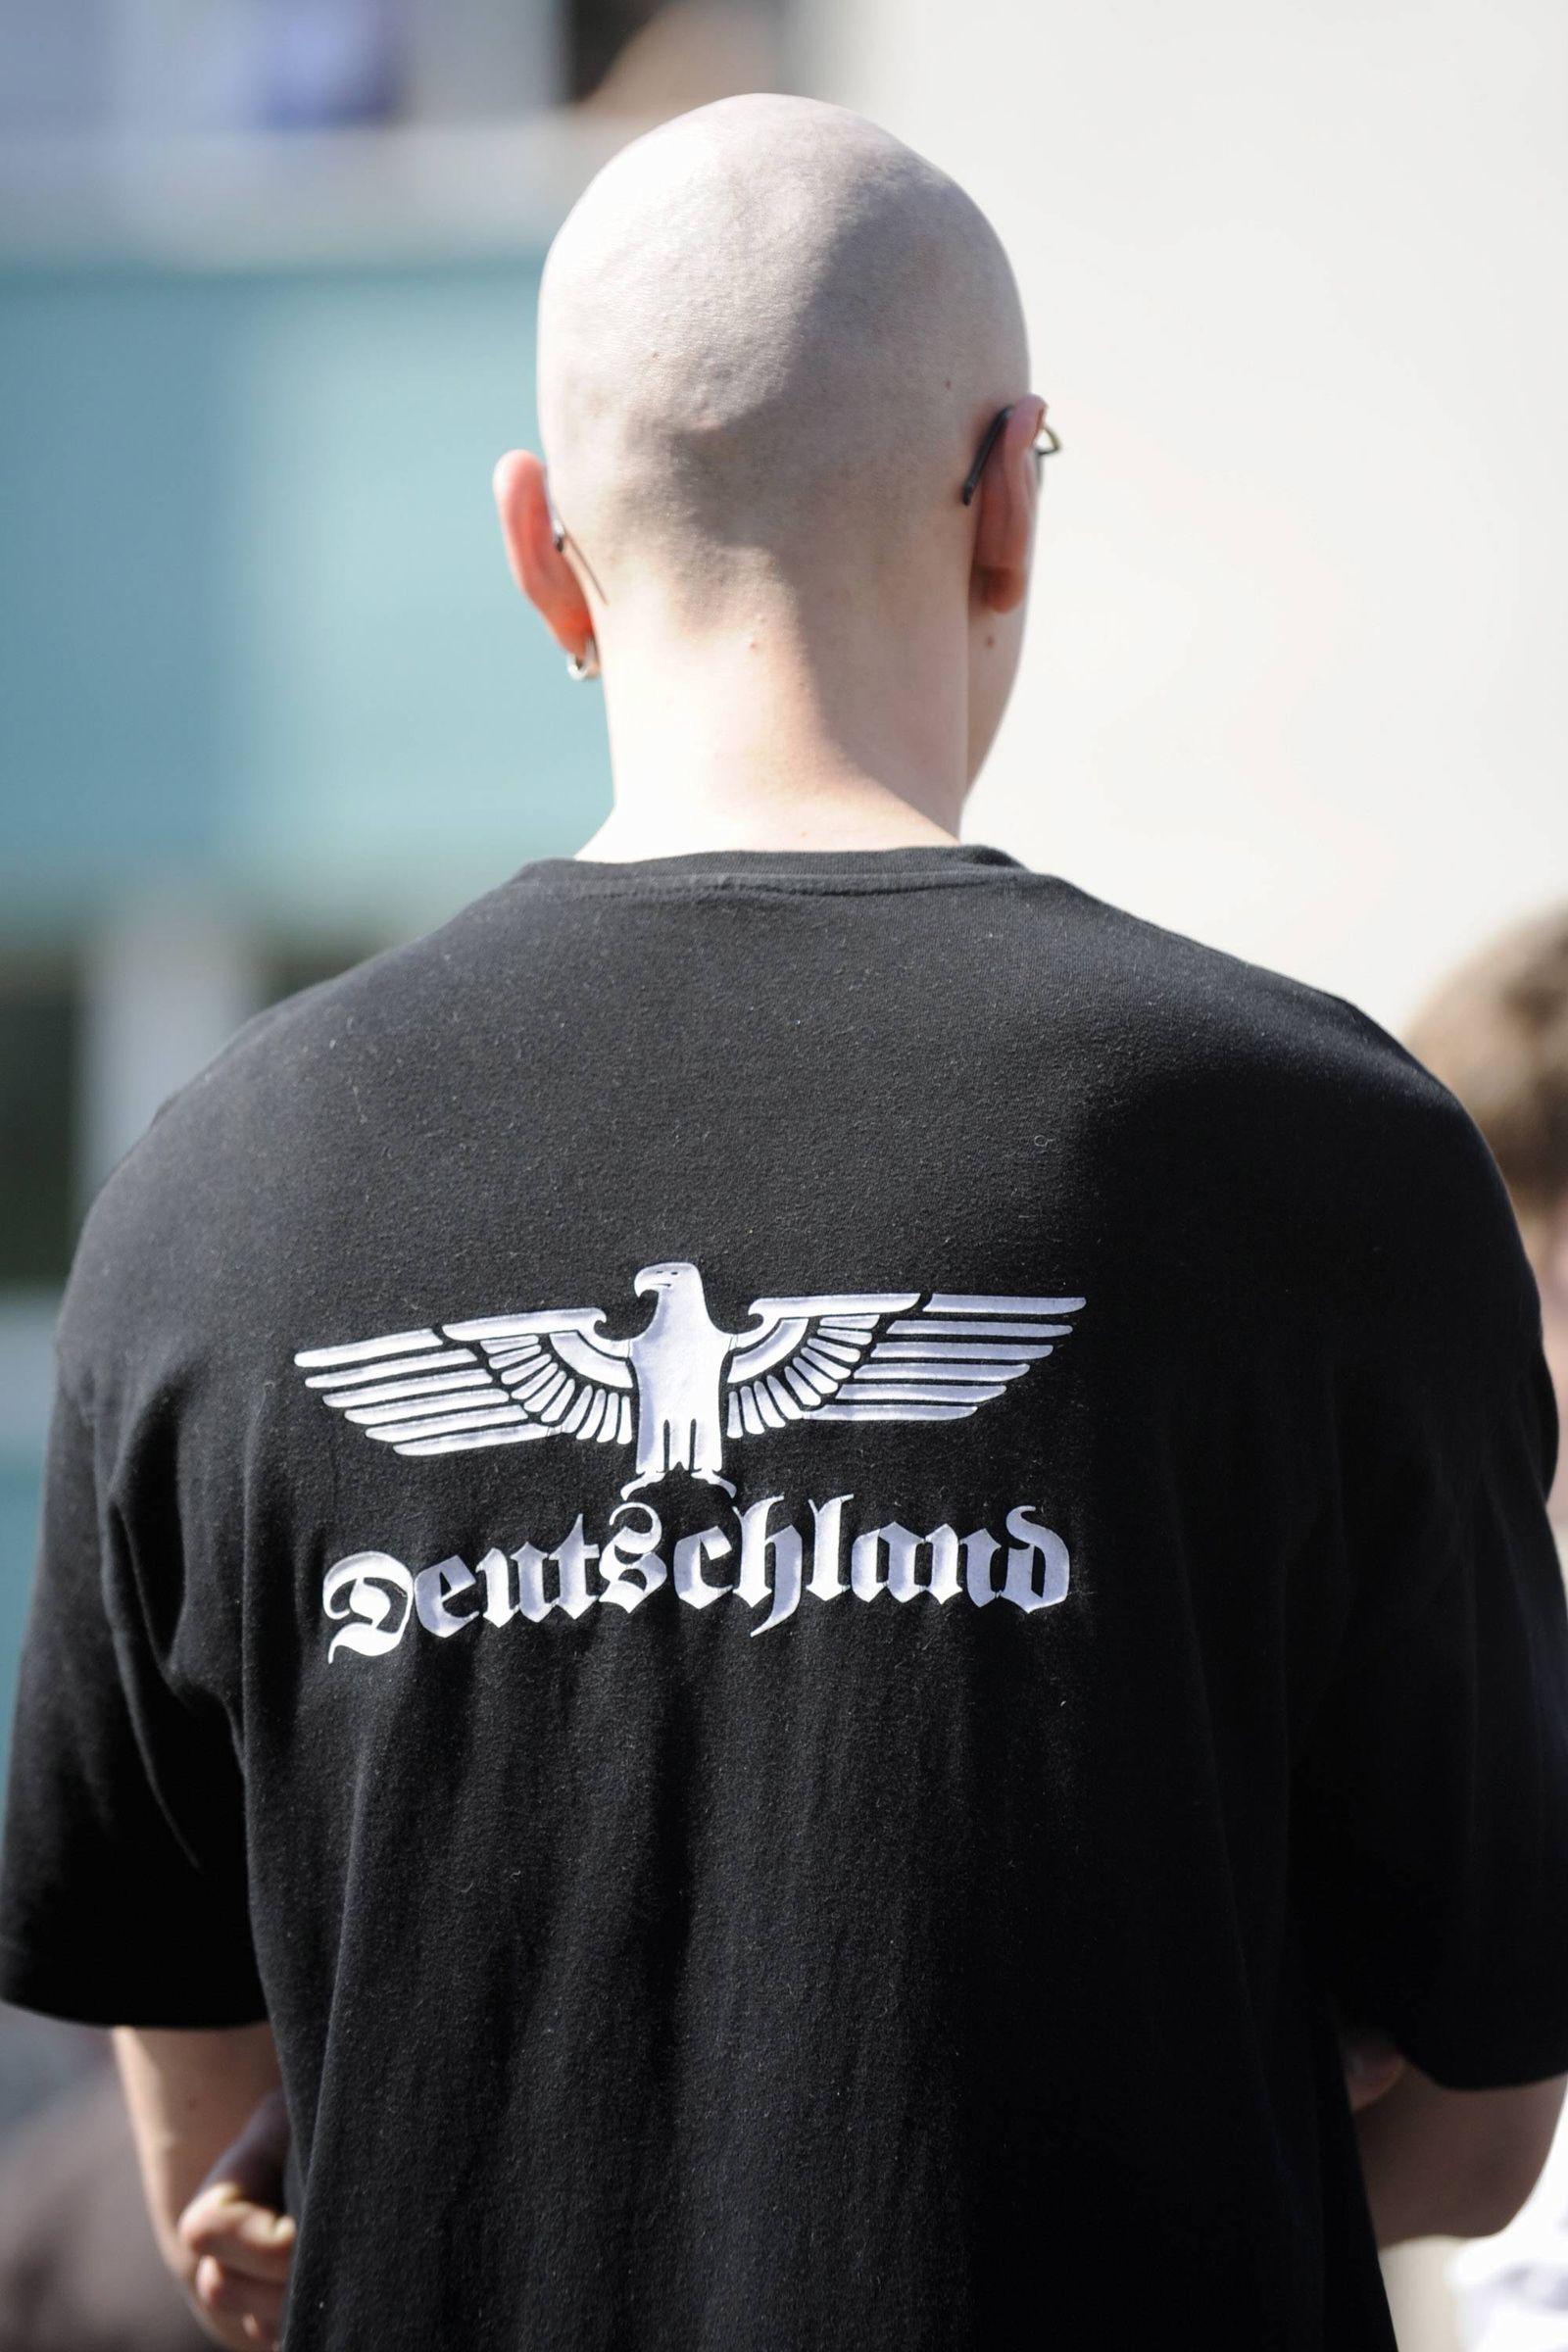 NICHT VERWENDEN NPD Kundgebung / Berlin